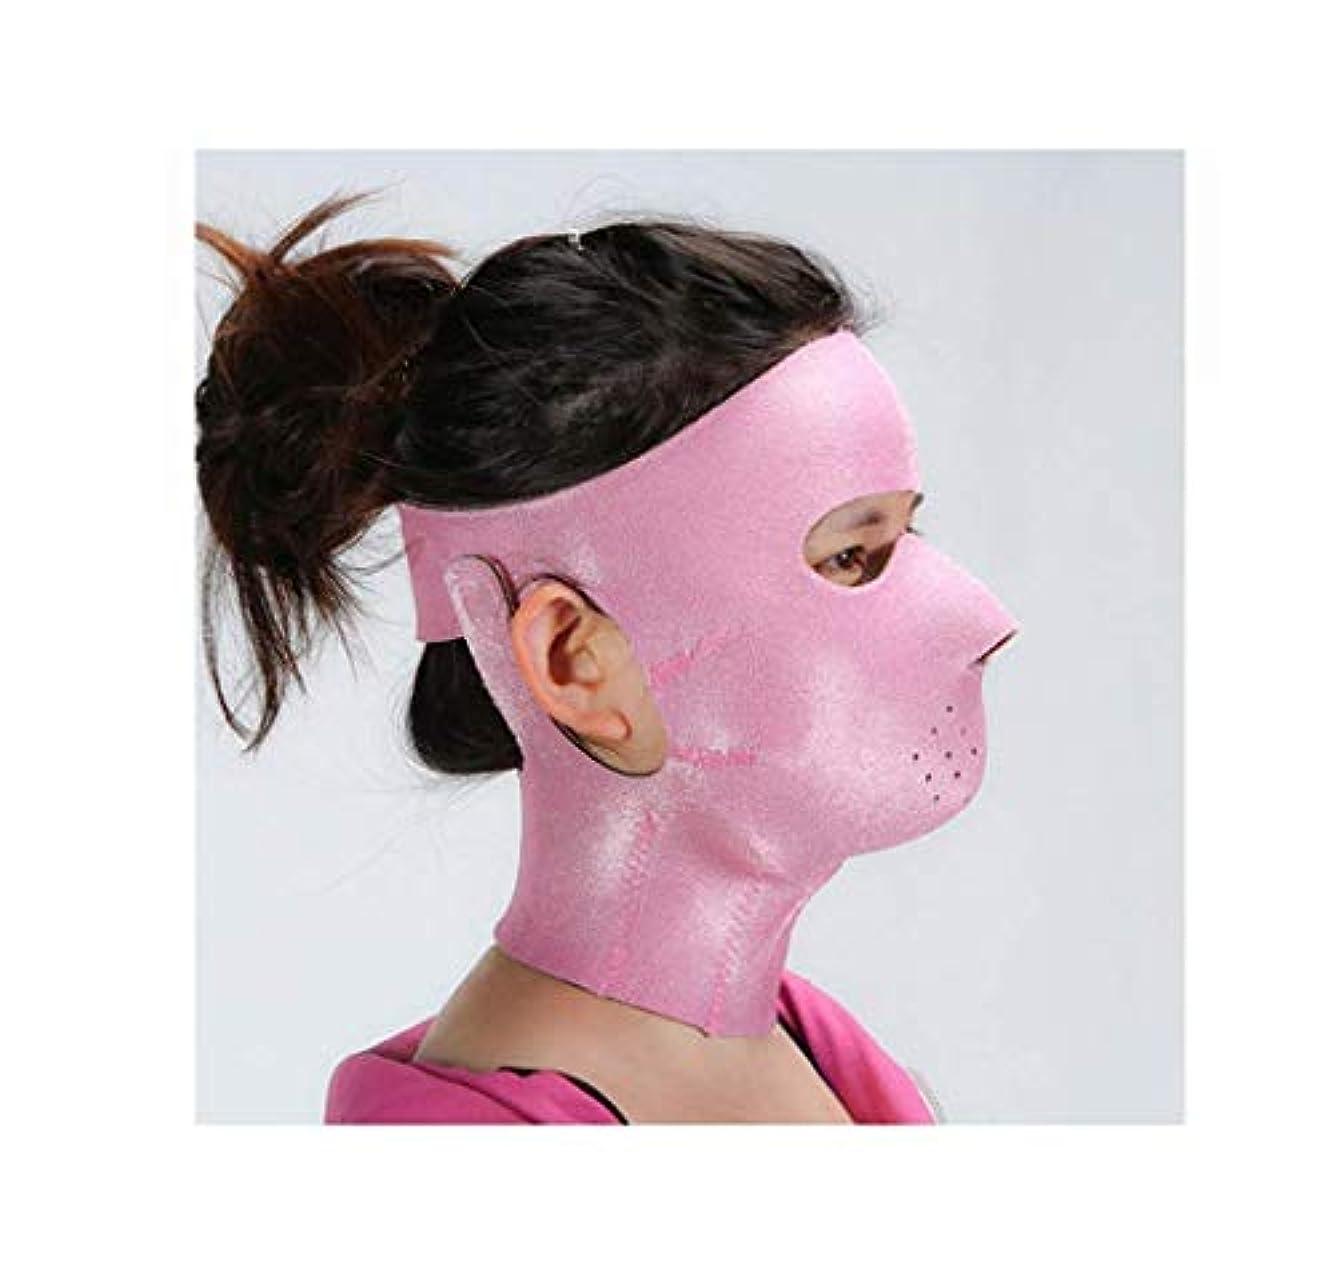 プラスチック番号良性フェイスリフトマスク、フェイシャルマスクプラス薄いフェイスマスクタイトなたるみの薄いフェイスマスクフェイシャル薄いフェイスマスクアーティファクトビューティーネックストラップ付き